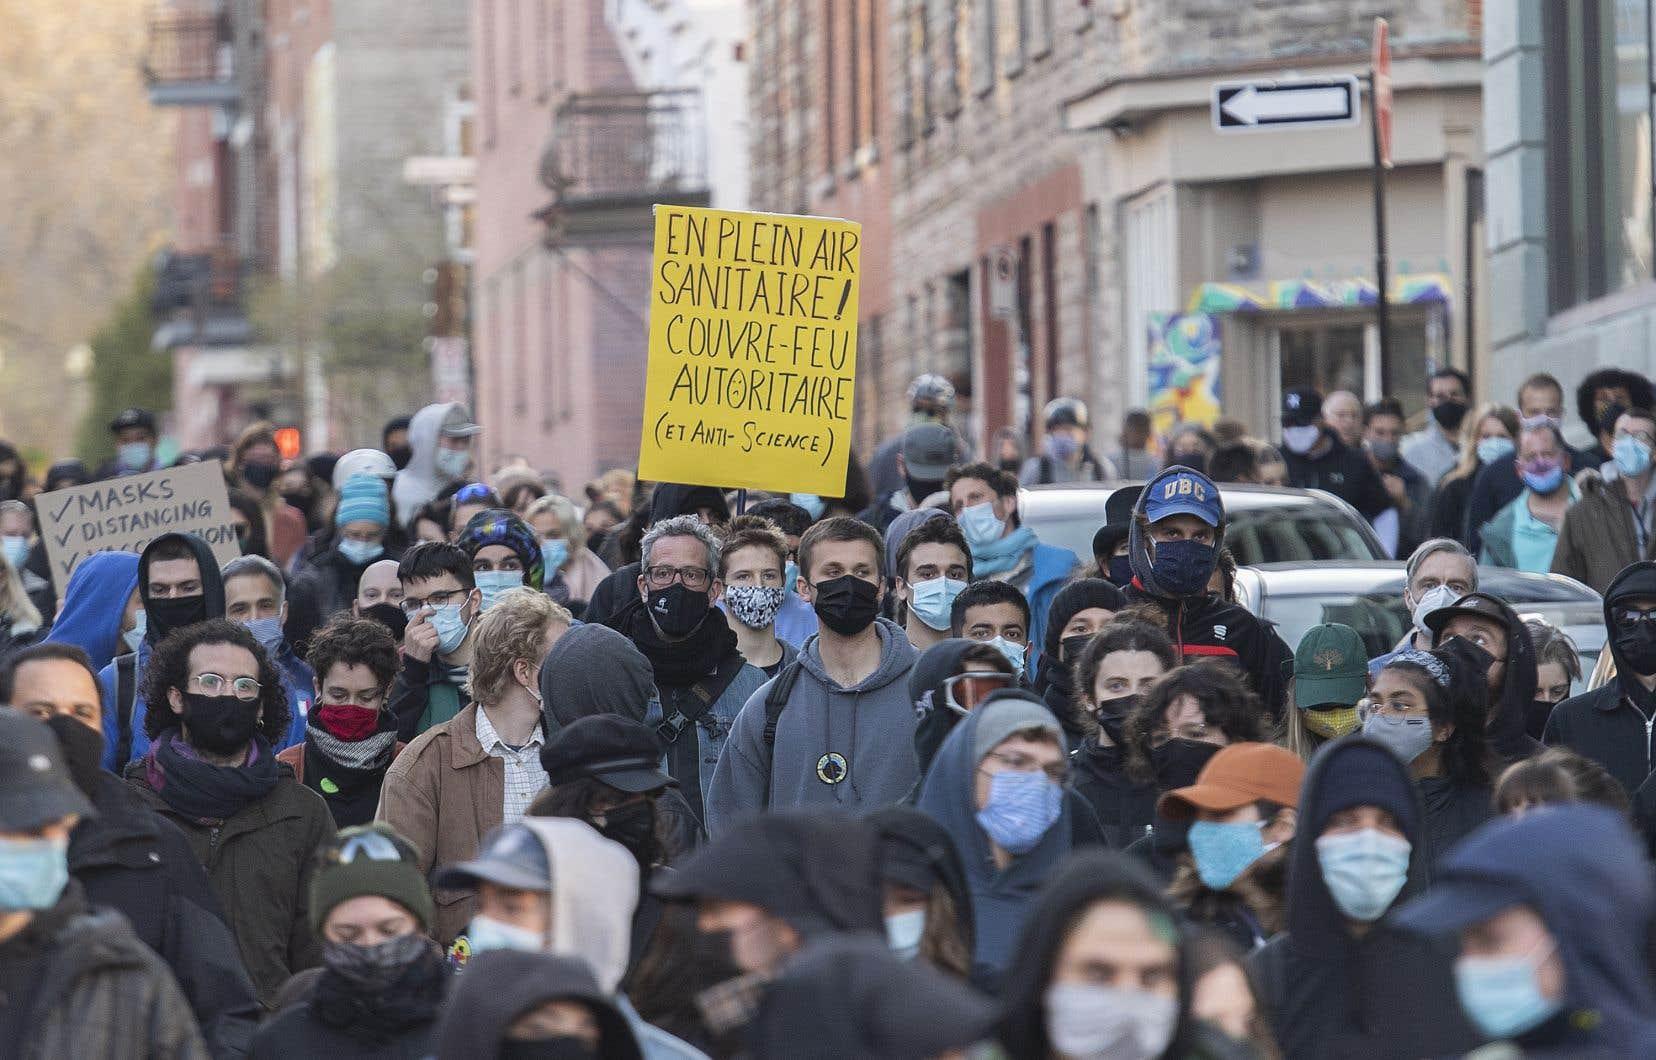 Nombre de protestataires qualifiaient de non scientifique l'imposition du couvre-feu. Ils ne sont toutefois pas contre les autres mesures sanitaires.